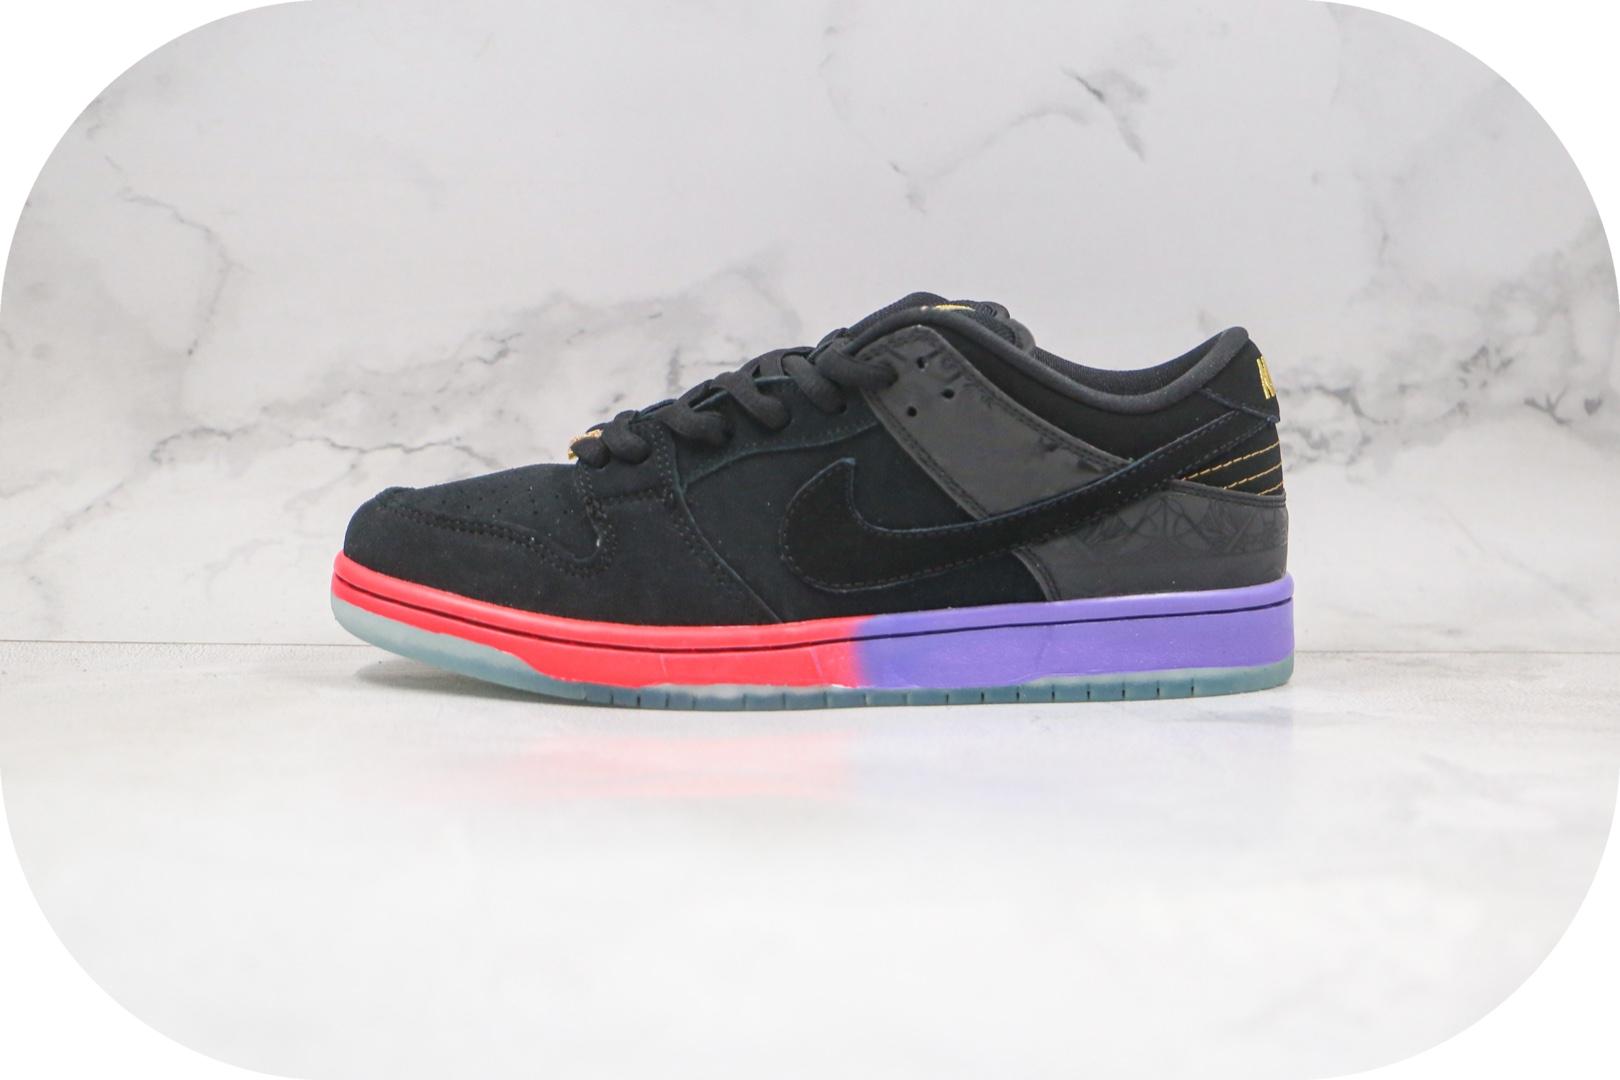 耐克Nike SB Dunk Low纯原版本低帮SB DUNK麂皮红紫渐变板鞋原盒原标正确加厚鞋舌 货号:504750-001